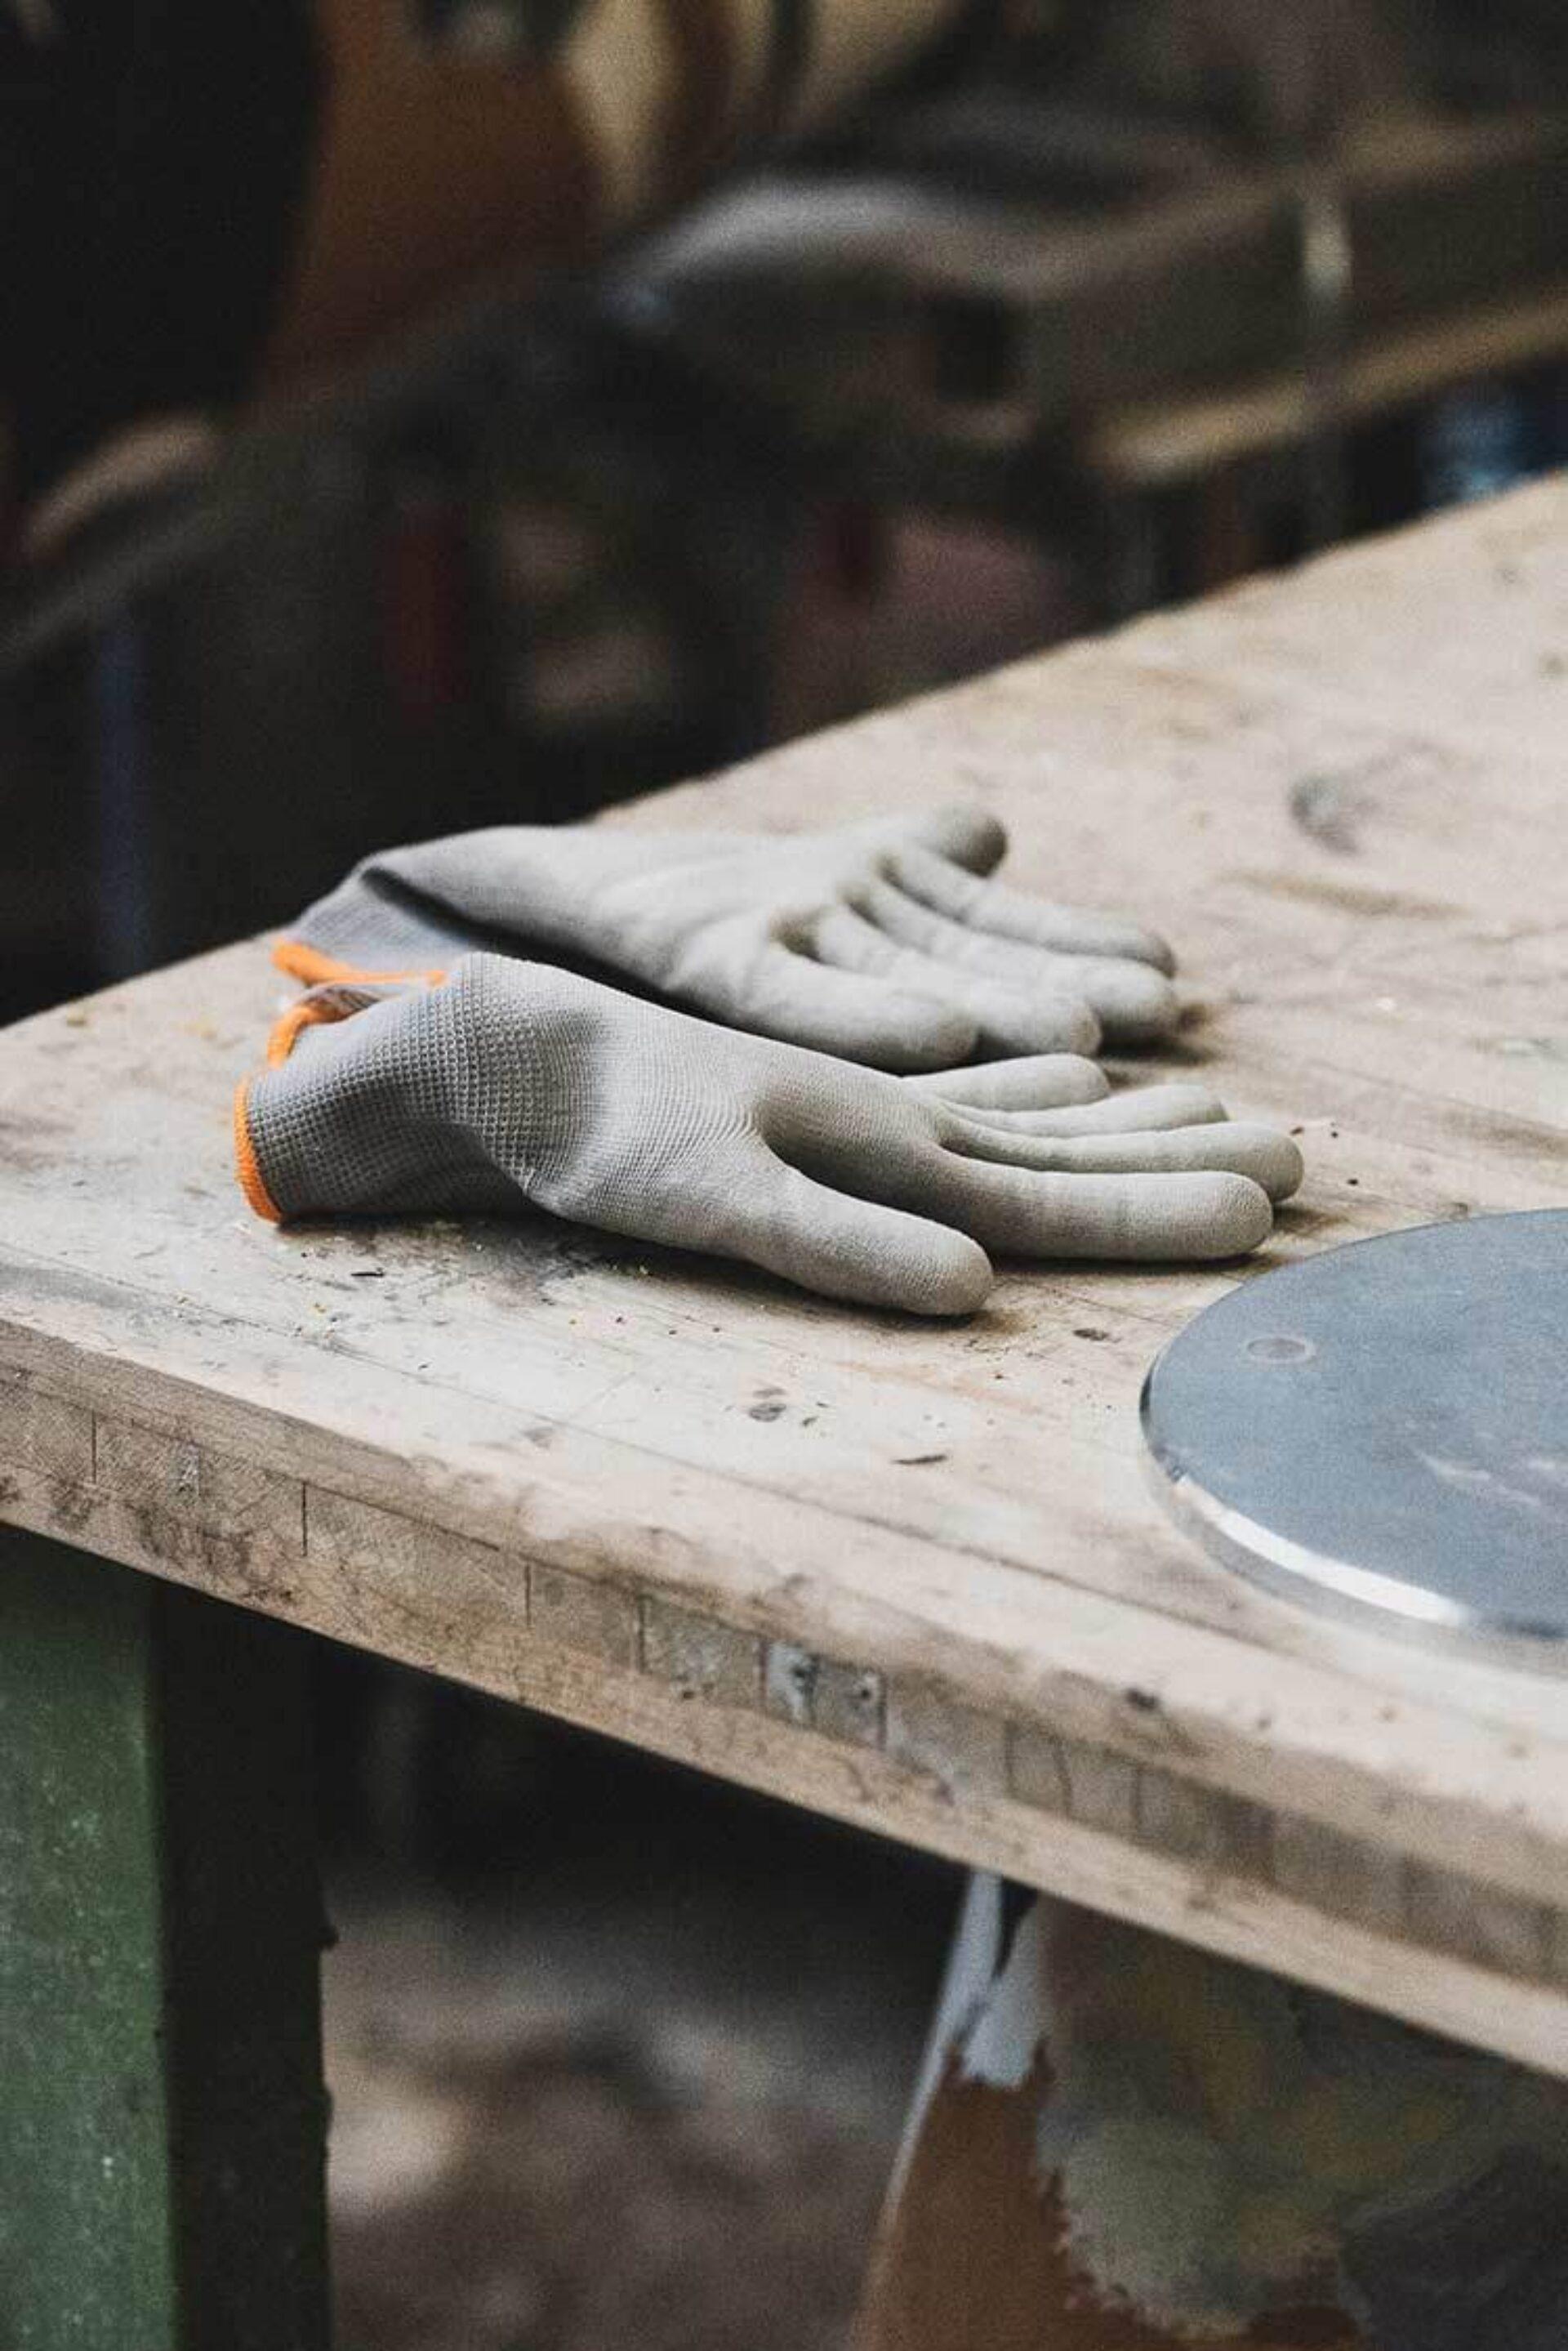 Kooij workshop gloves craftsman recycled plastic